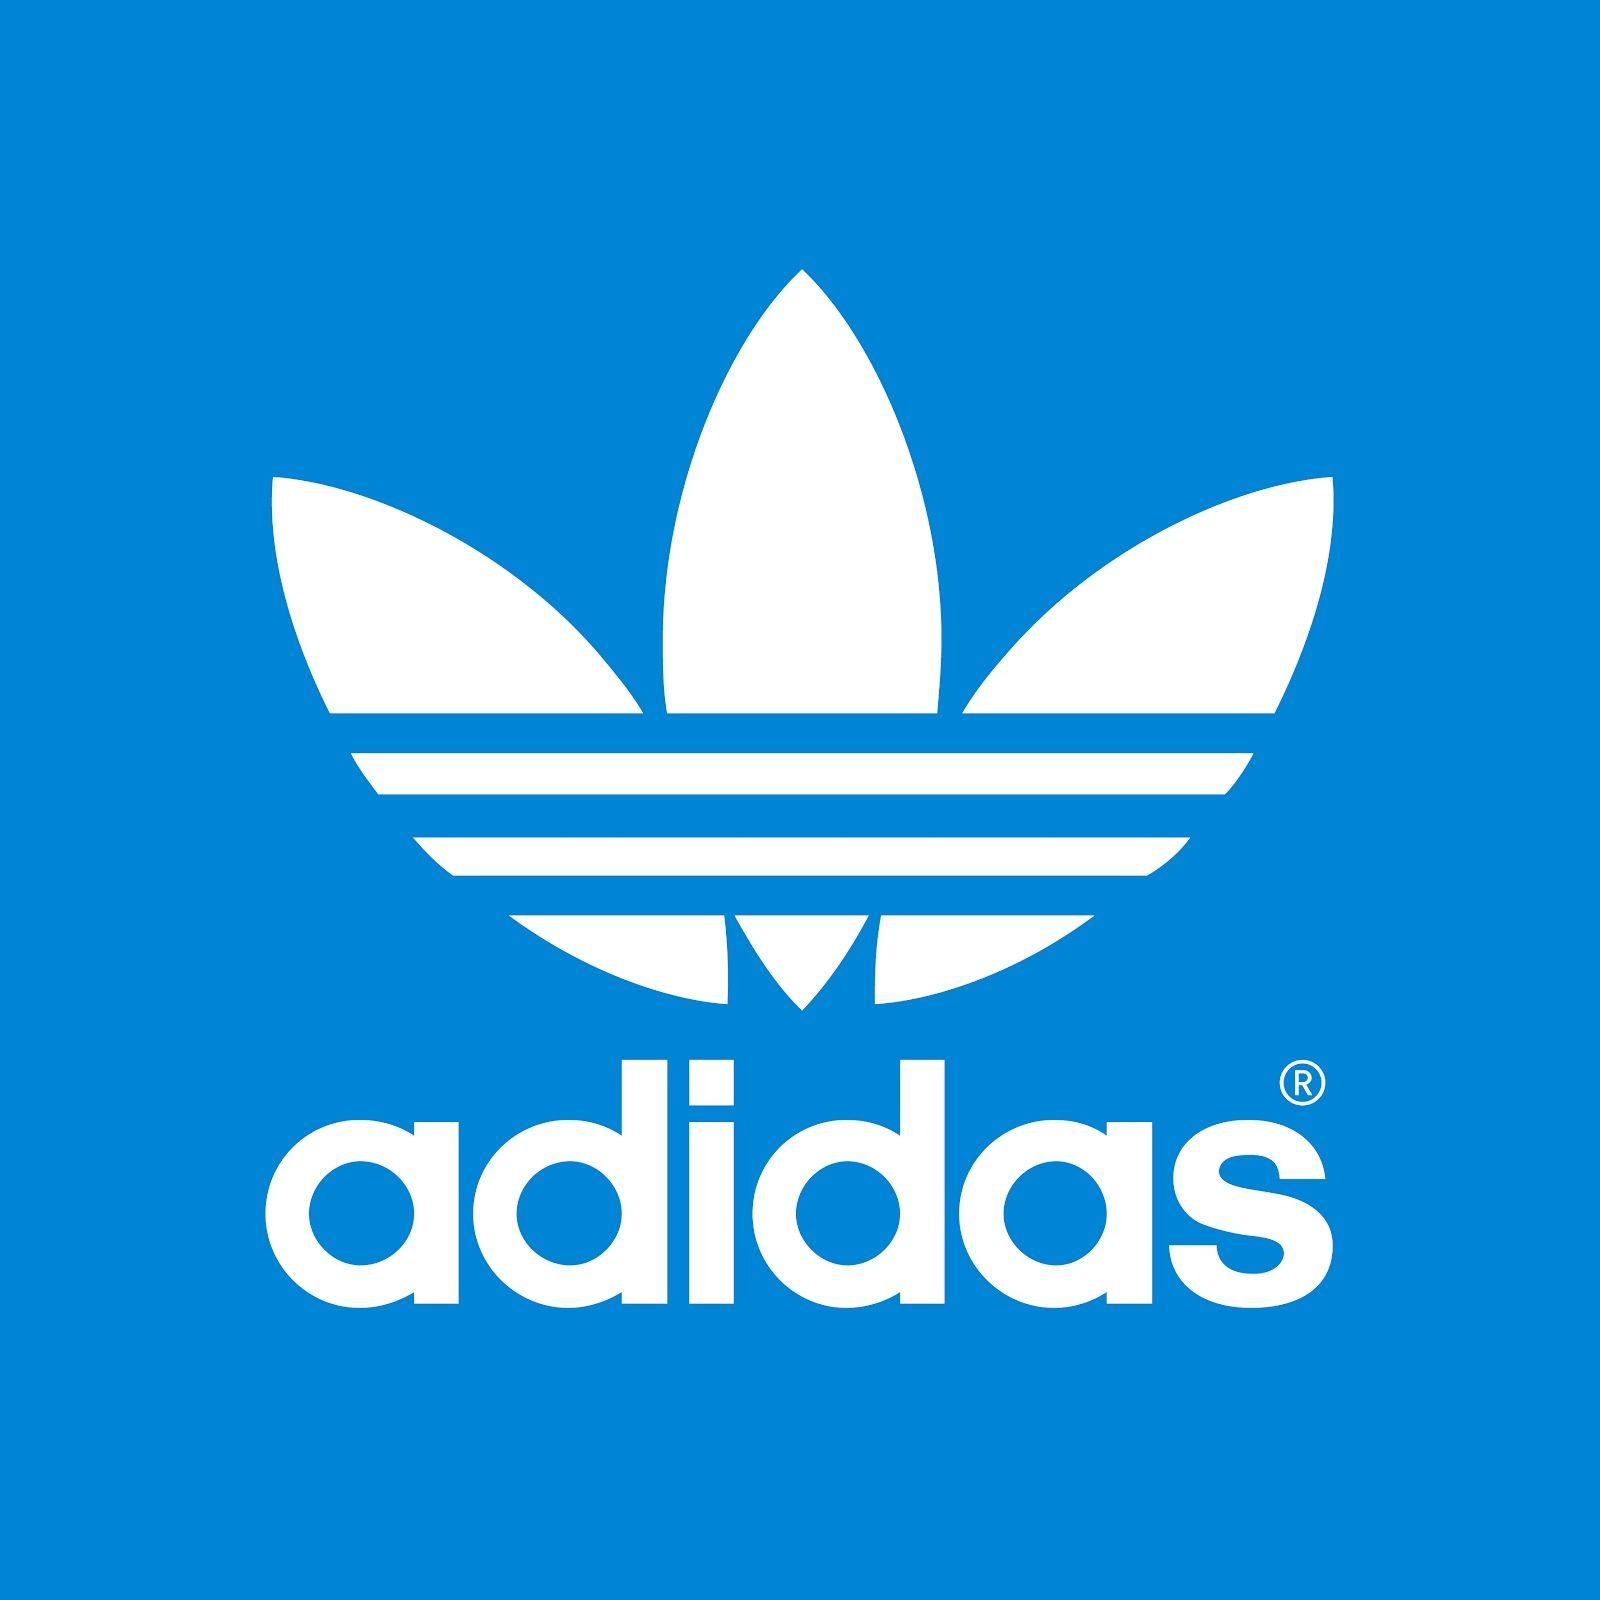 Adidas Logo Adidas Wallpapers Adidas Wallpaper Iphone Adidas